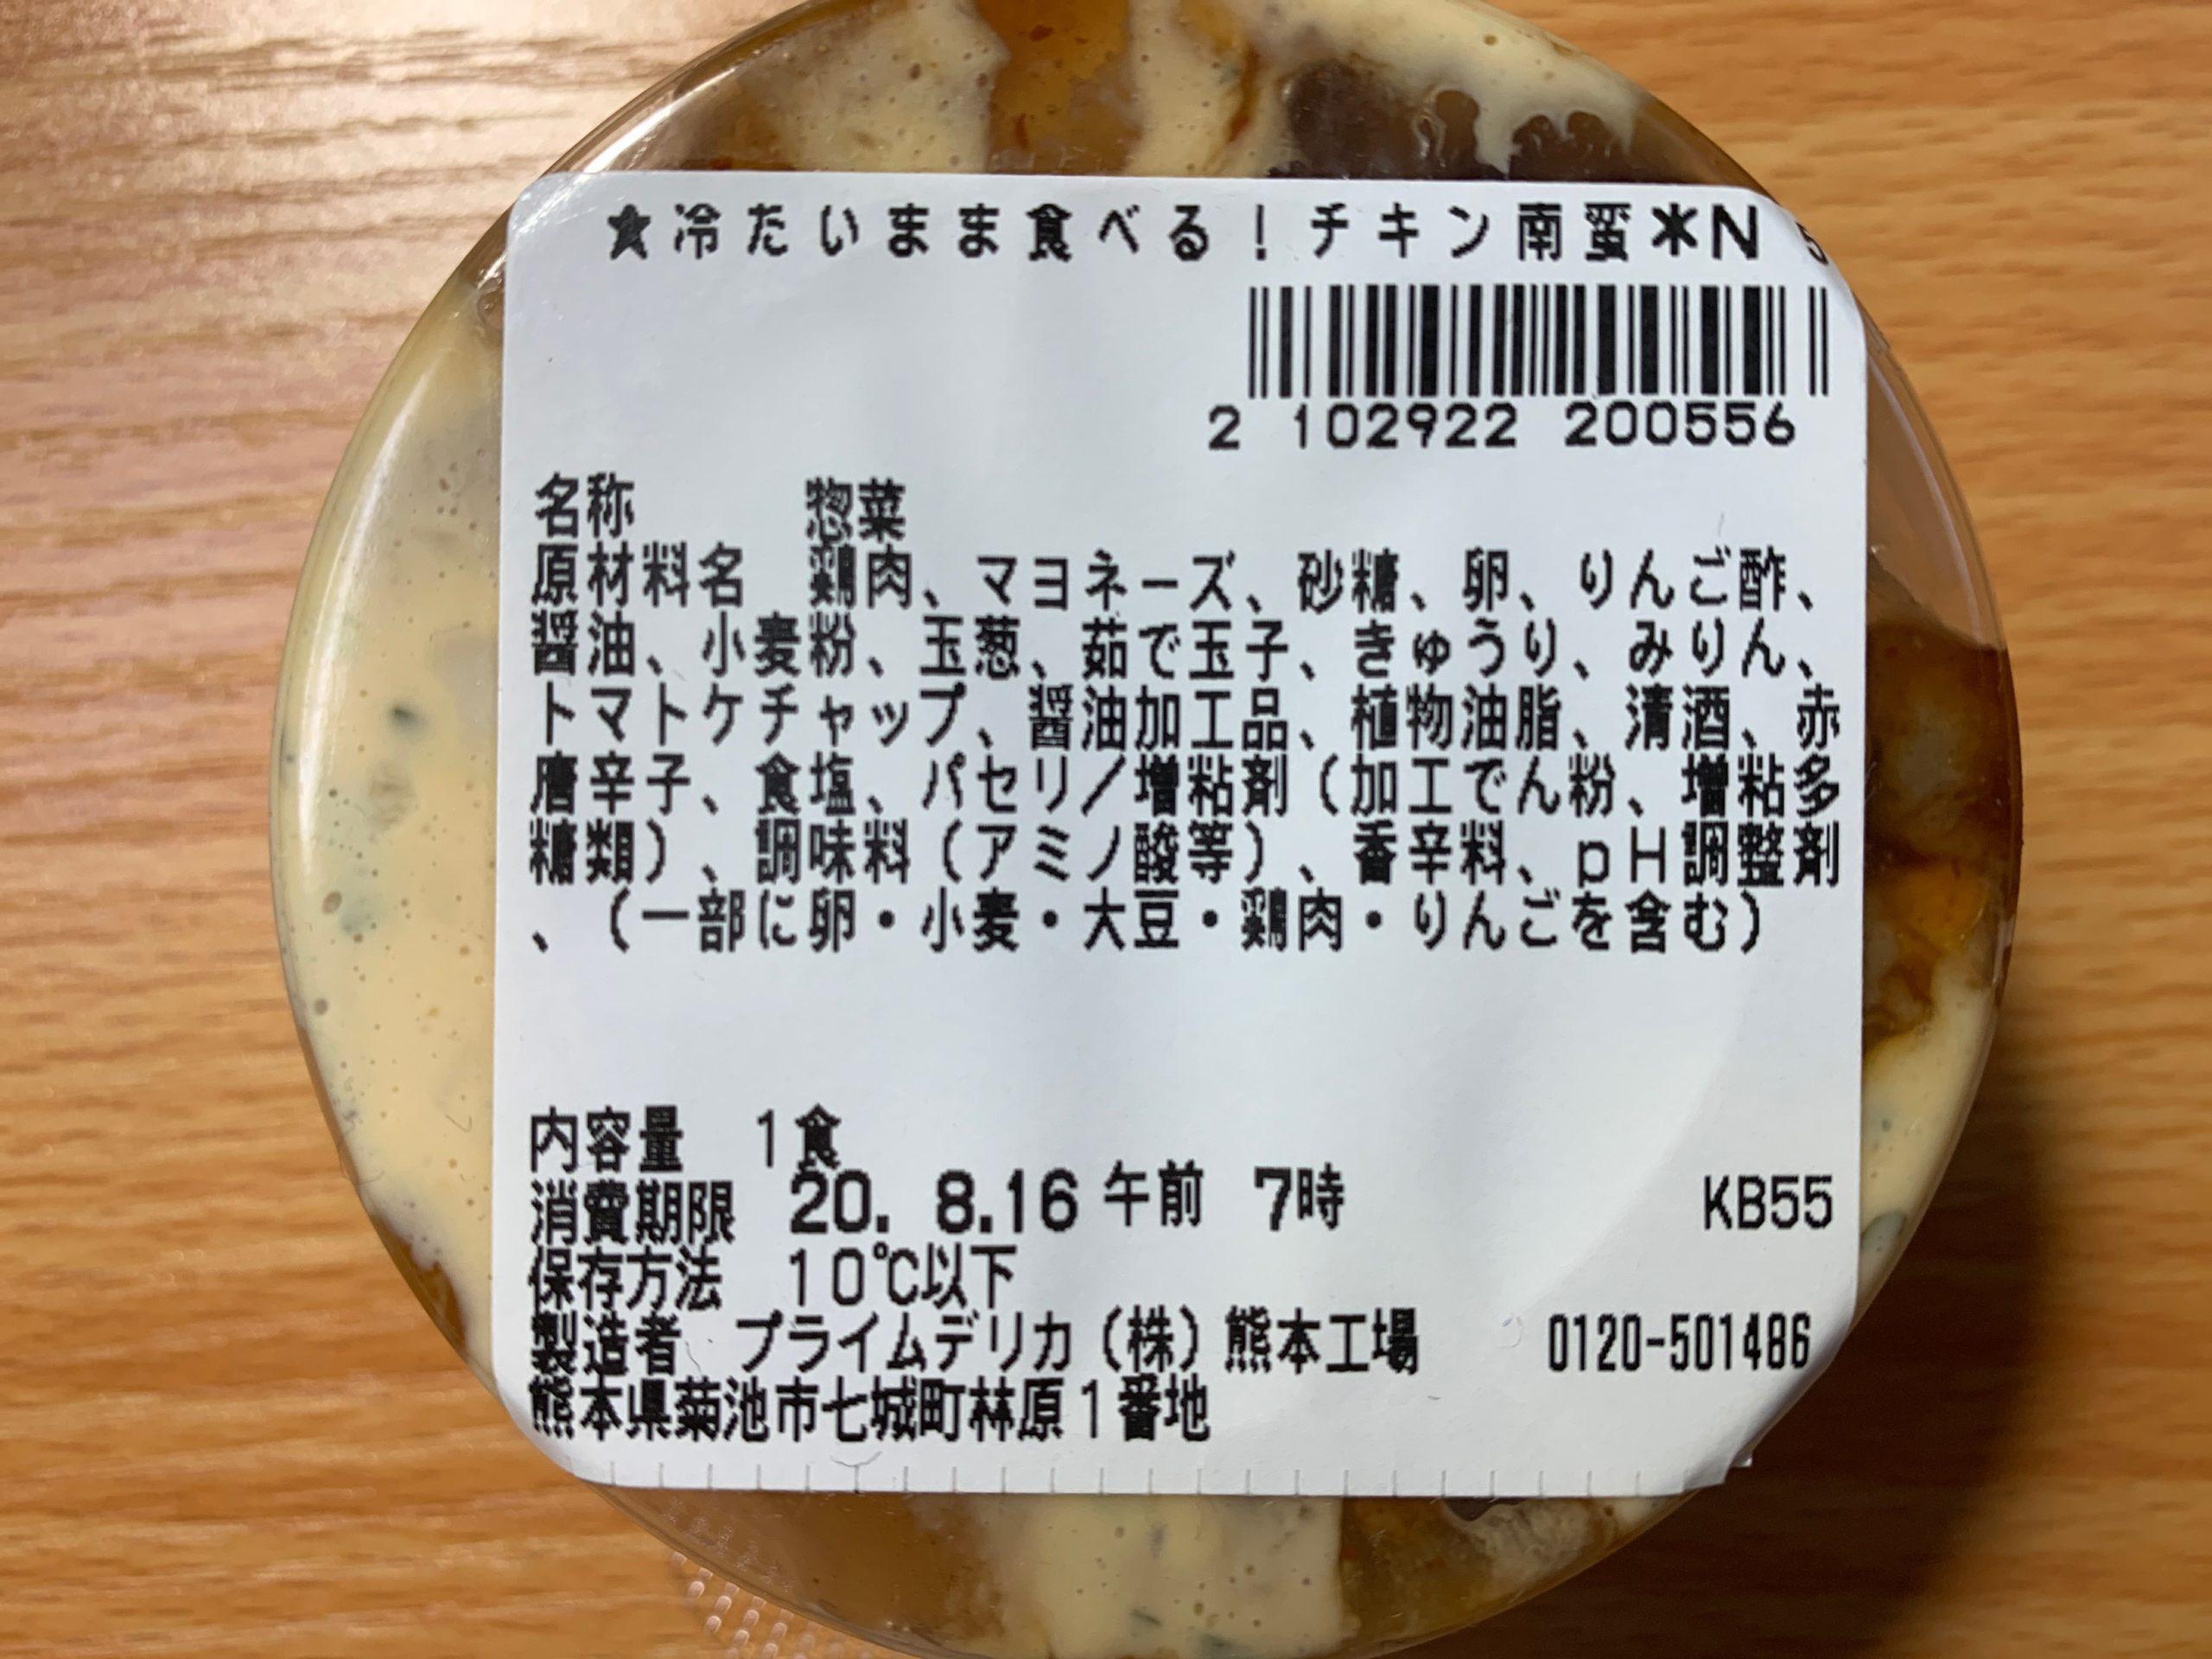 冷たいまま食べるチキン南蛮の原材料